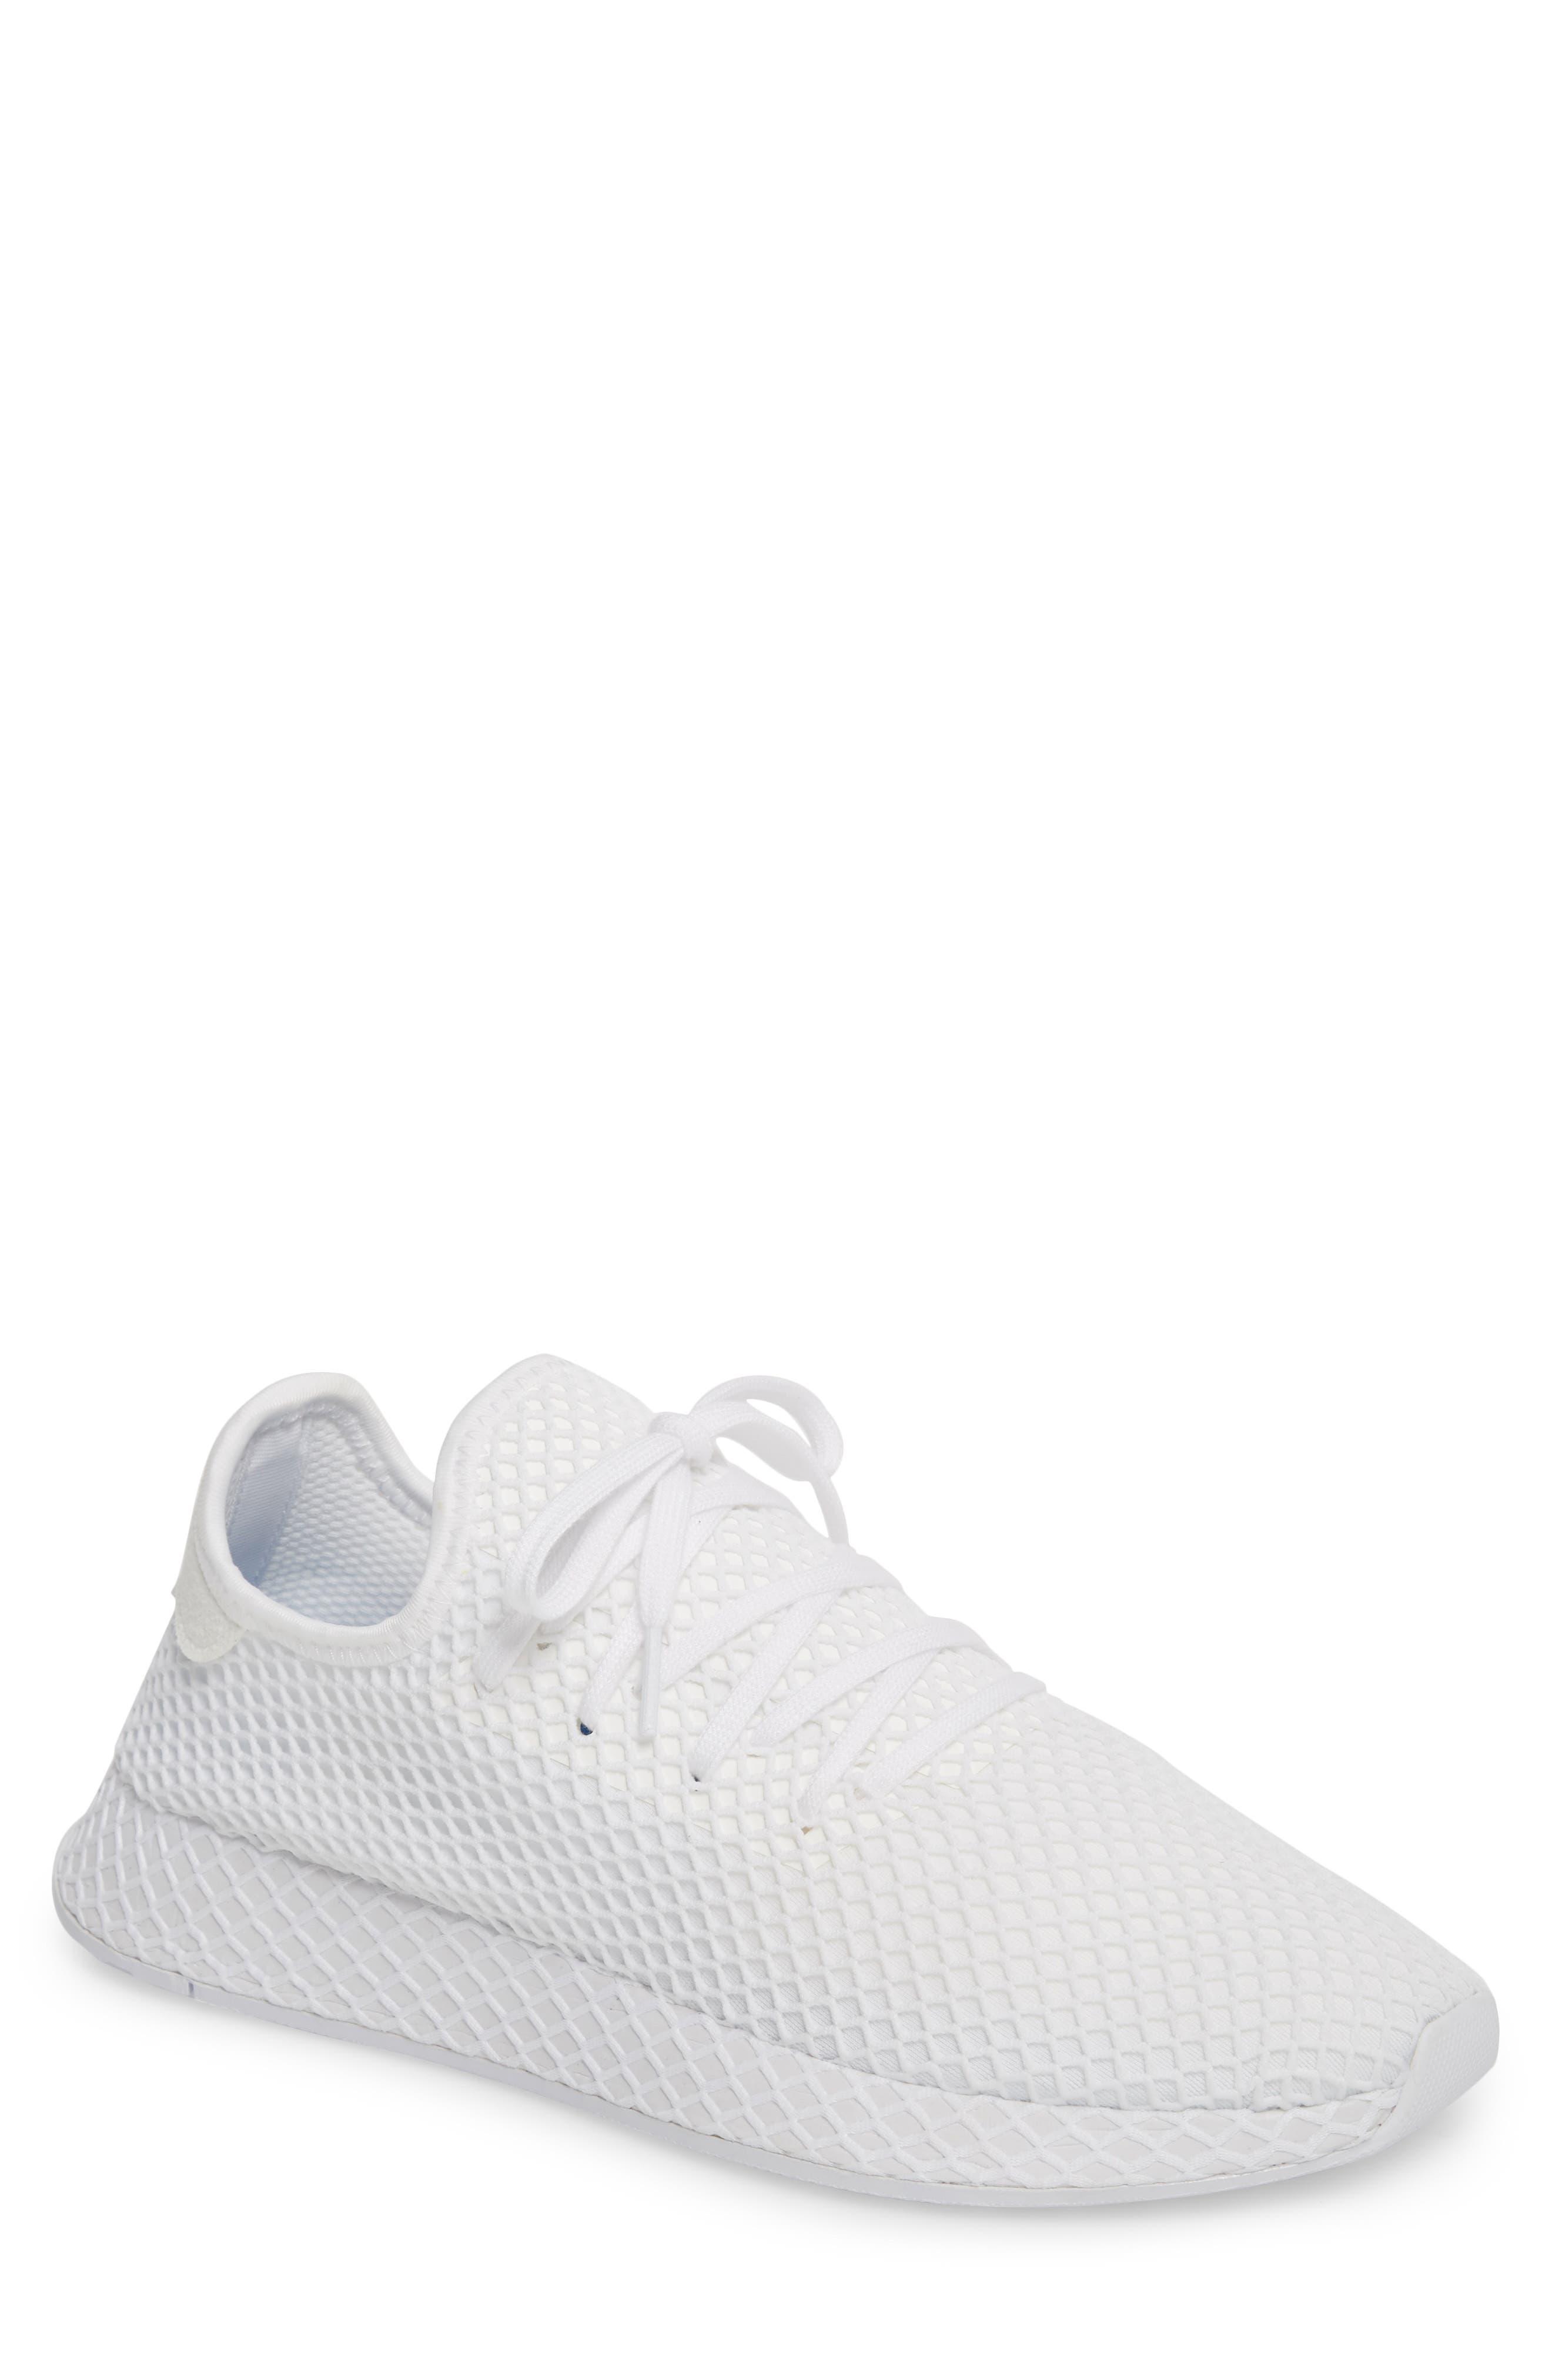 Deerupt Runner Sneaker,                         Main,                         color,